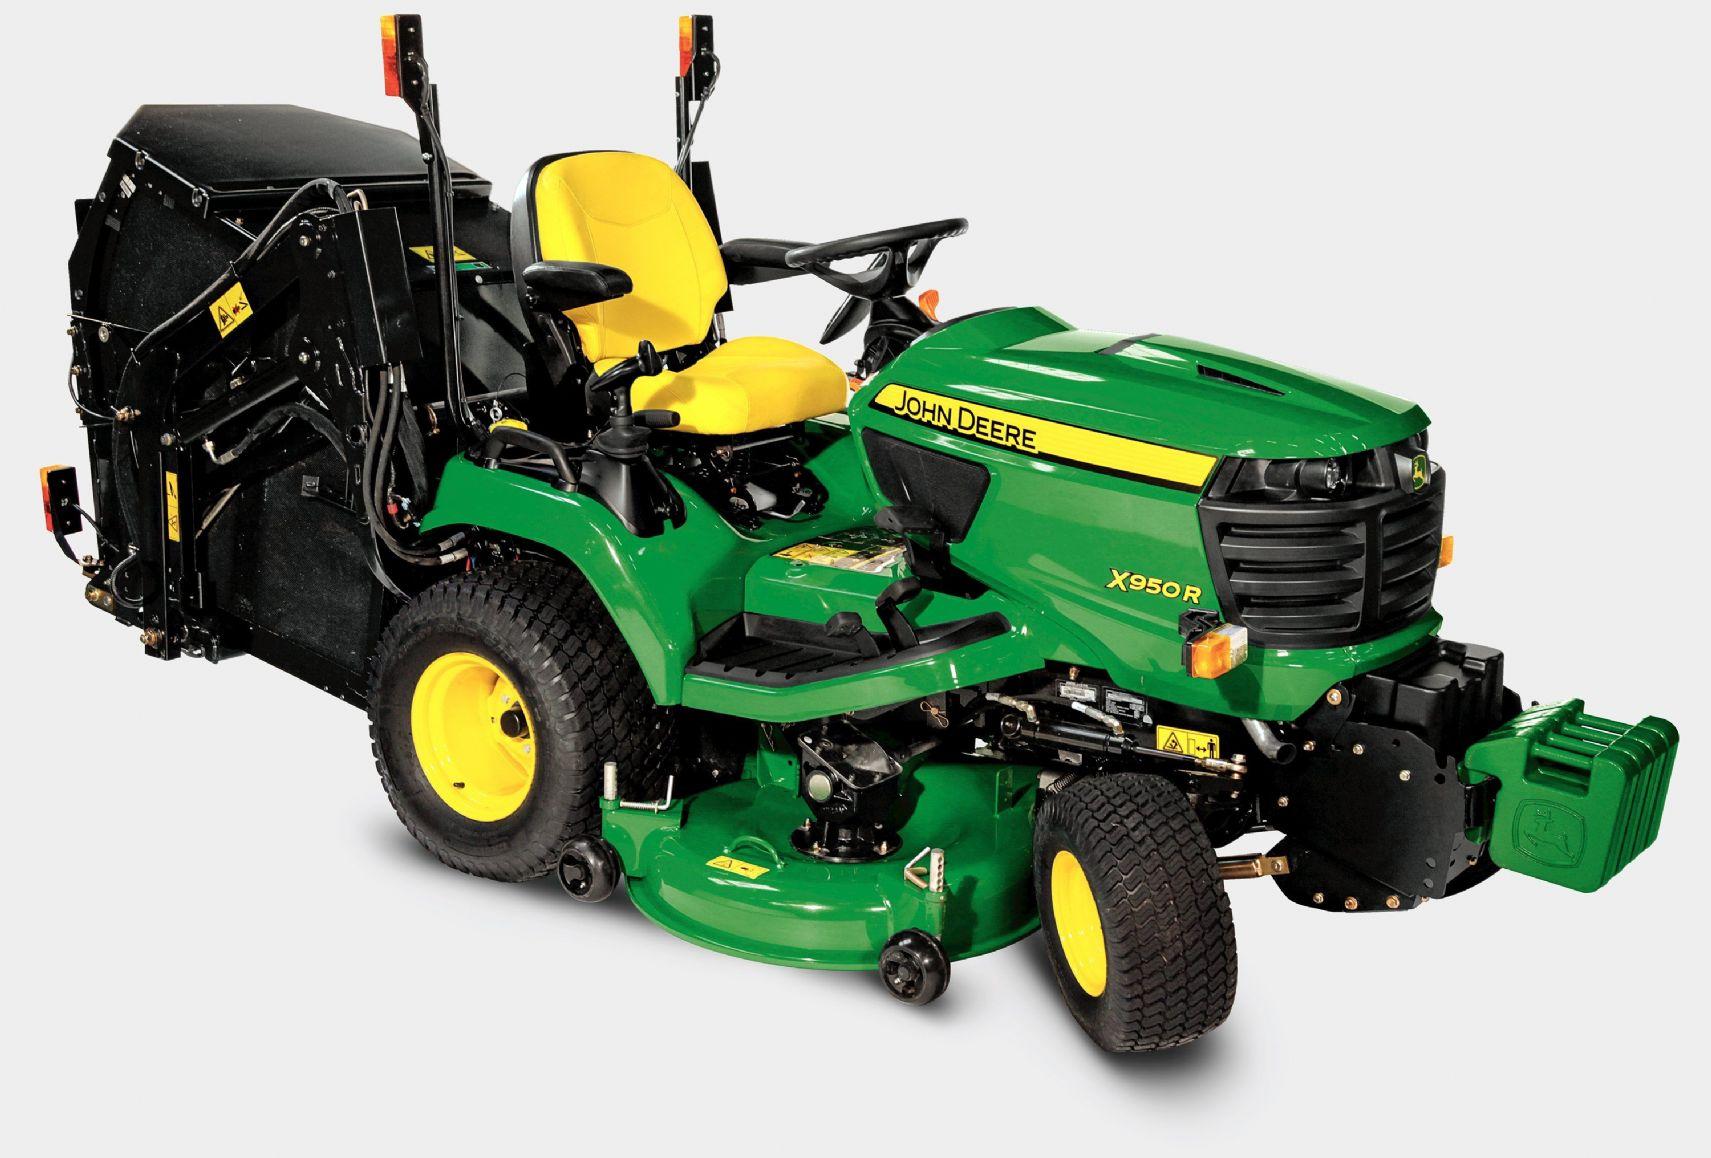 John Deere X950r Lawn Tractor